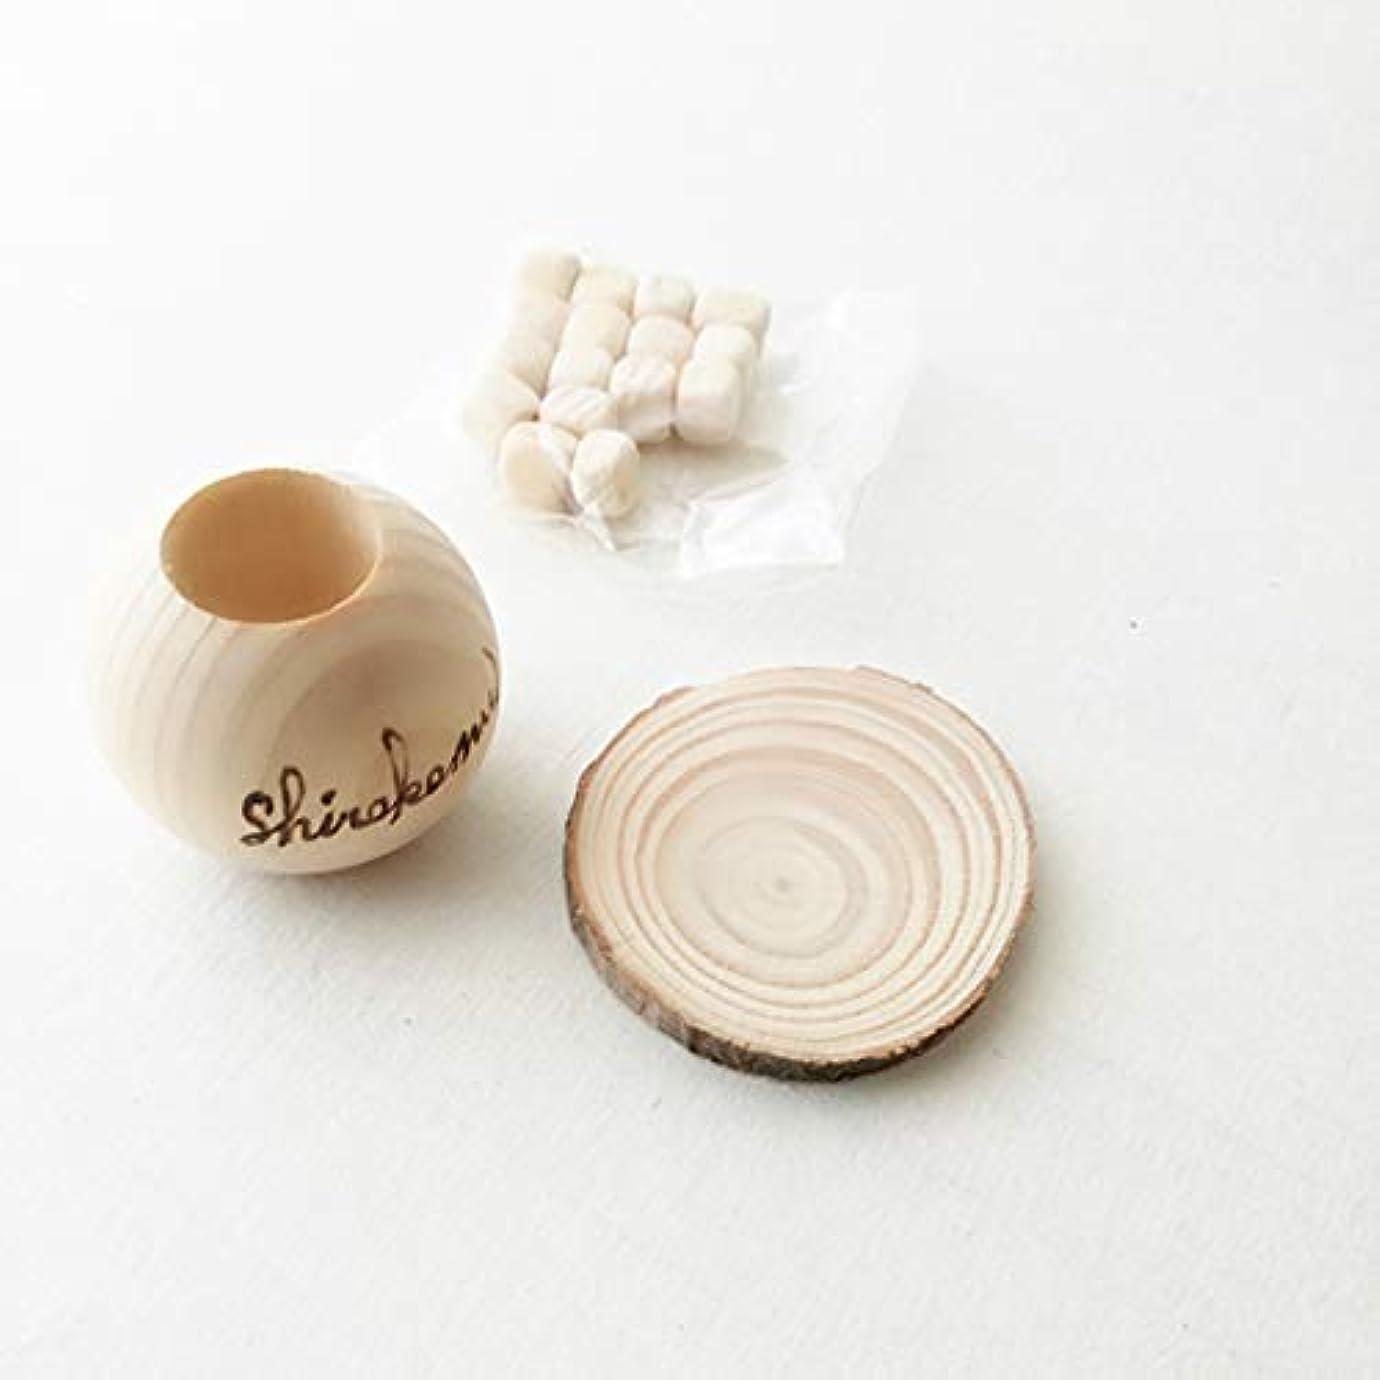 雇った入手します顧問shirokemu 国産 天然 ひのき 木目調 アロマポット 木製 アロマデュフューザー 35mm ( アロマオイル エッセンシャルオイル用 ひのきキューブ )